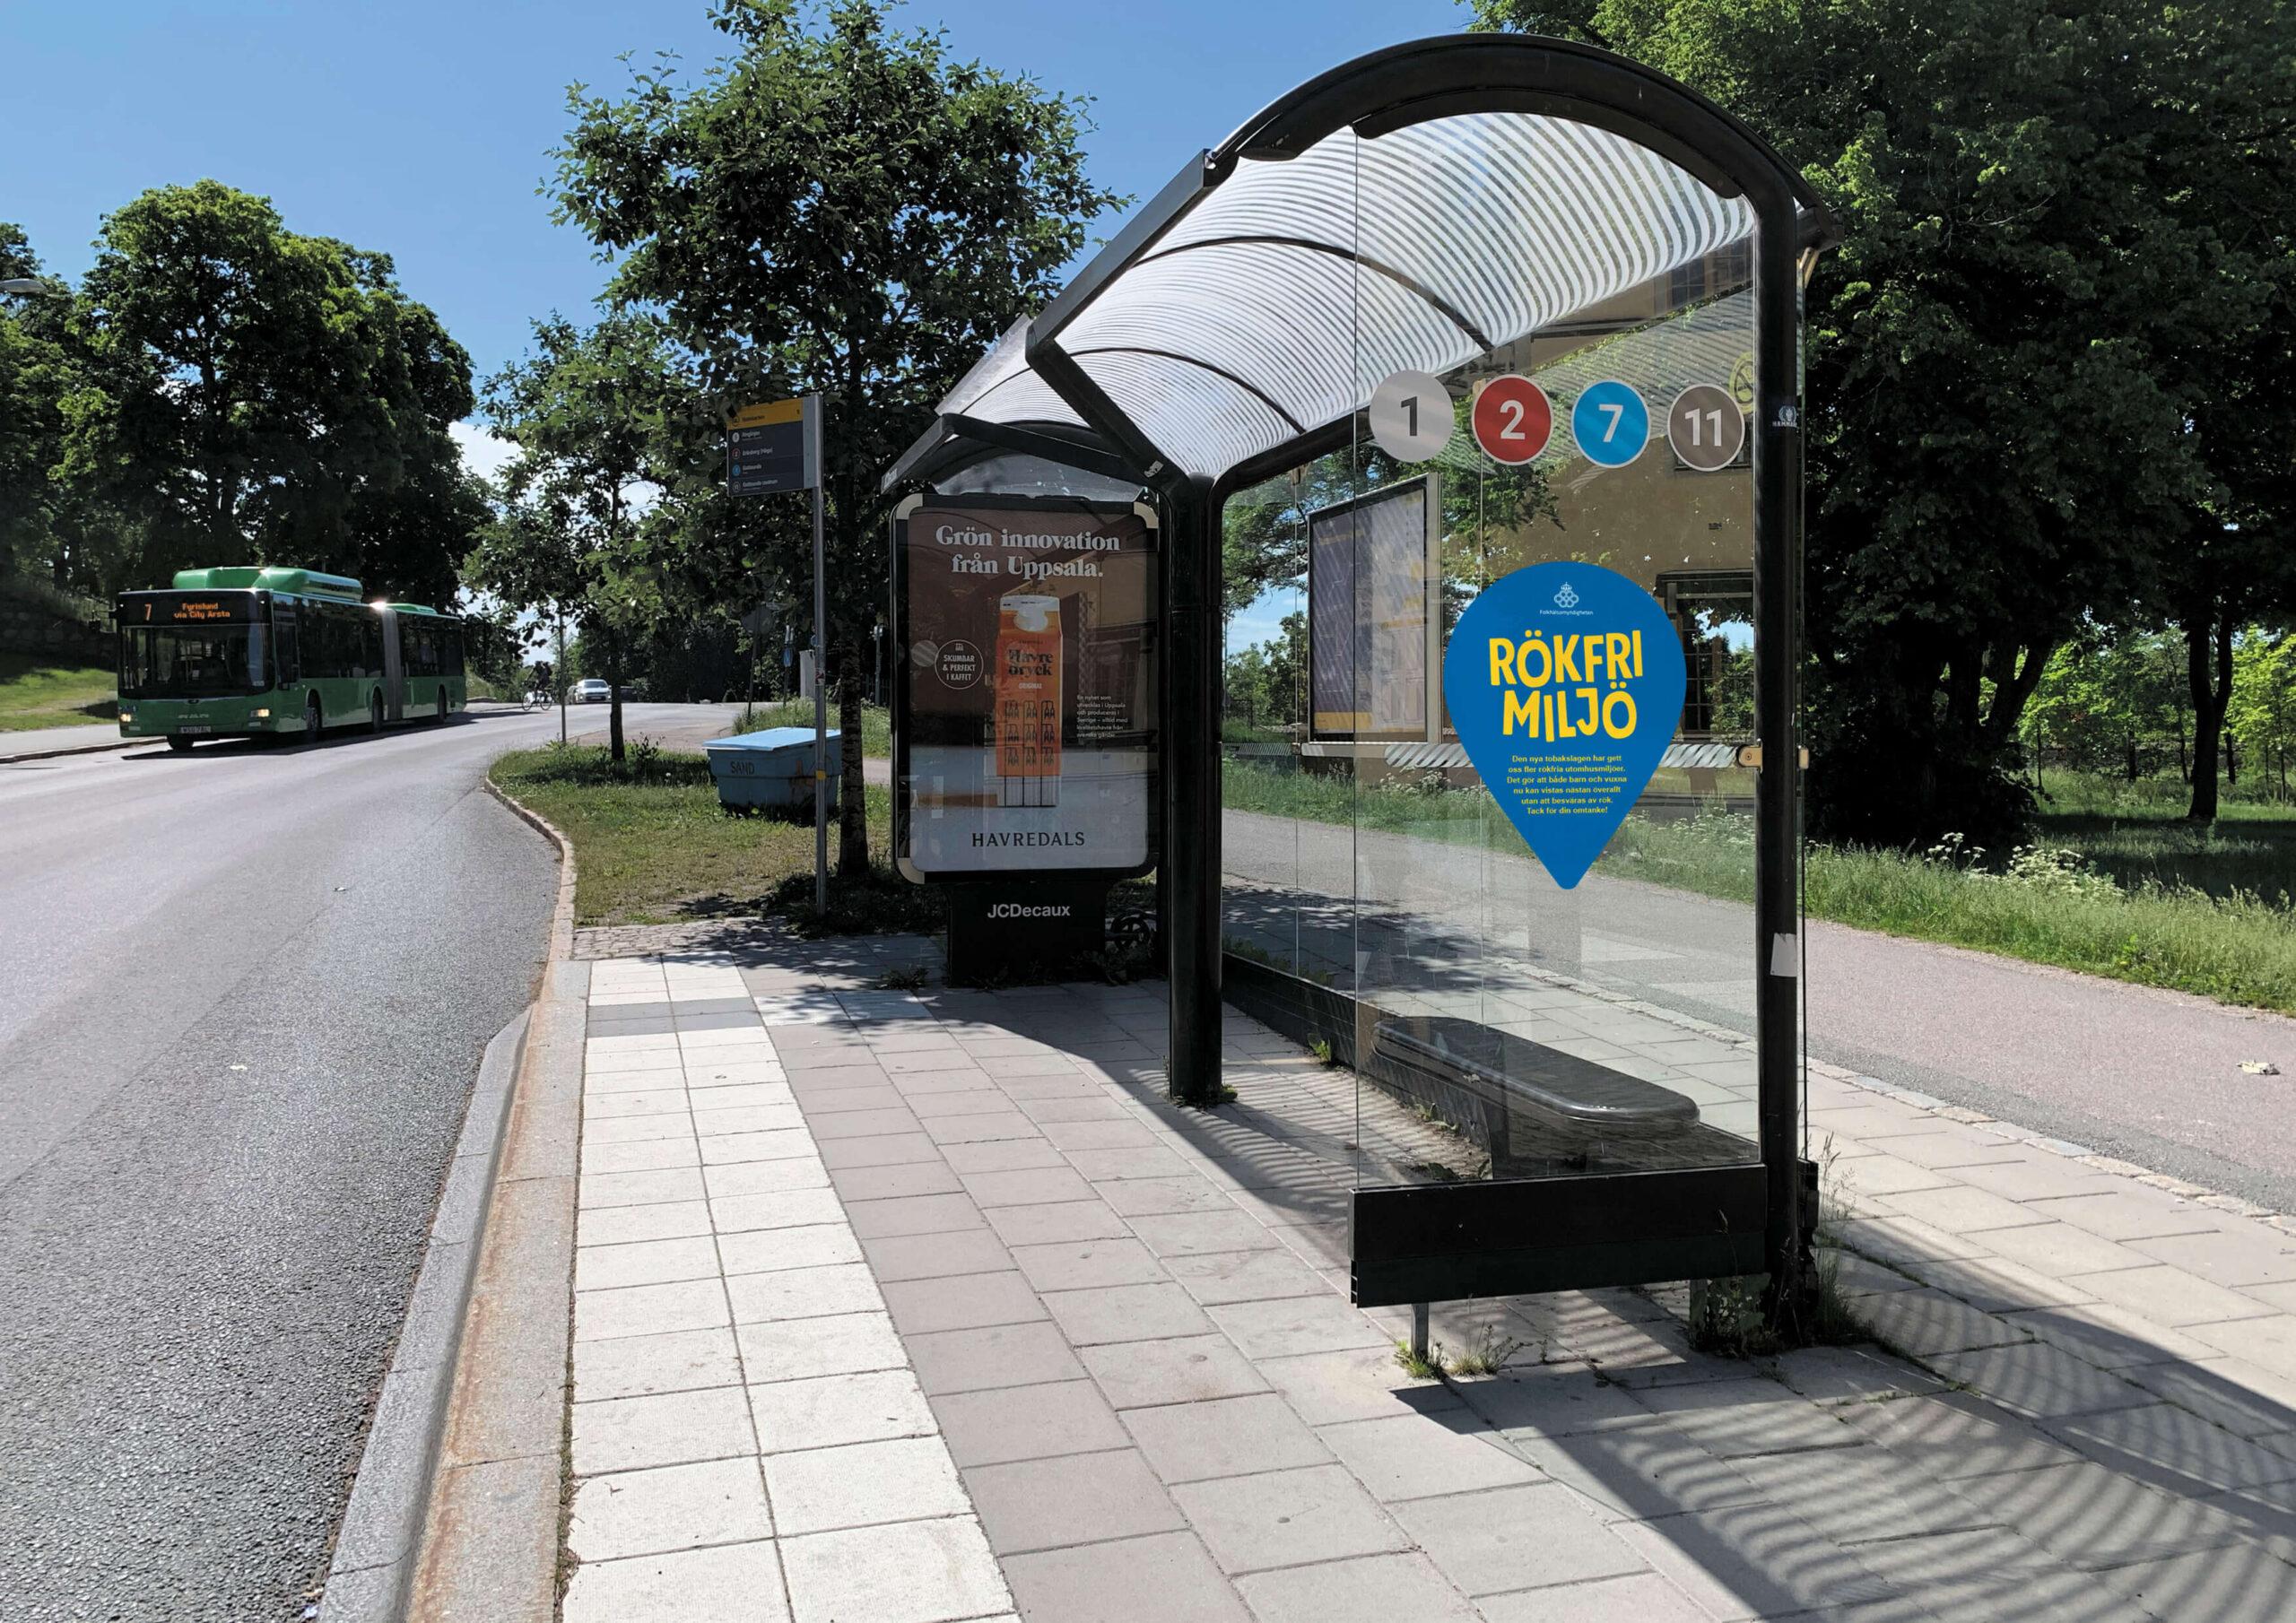 Rökfri miljö busskur